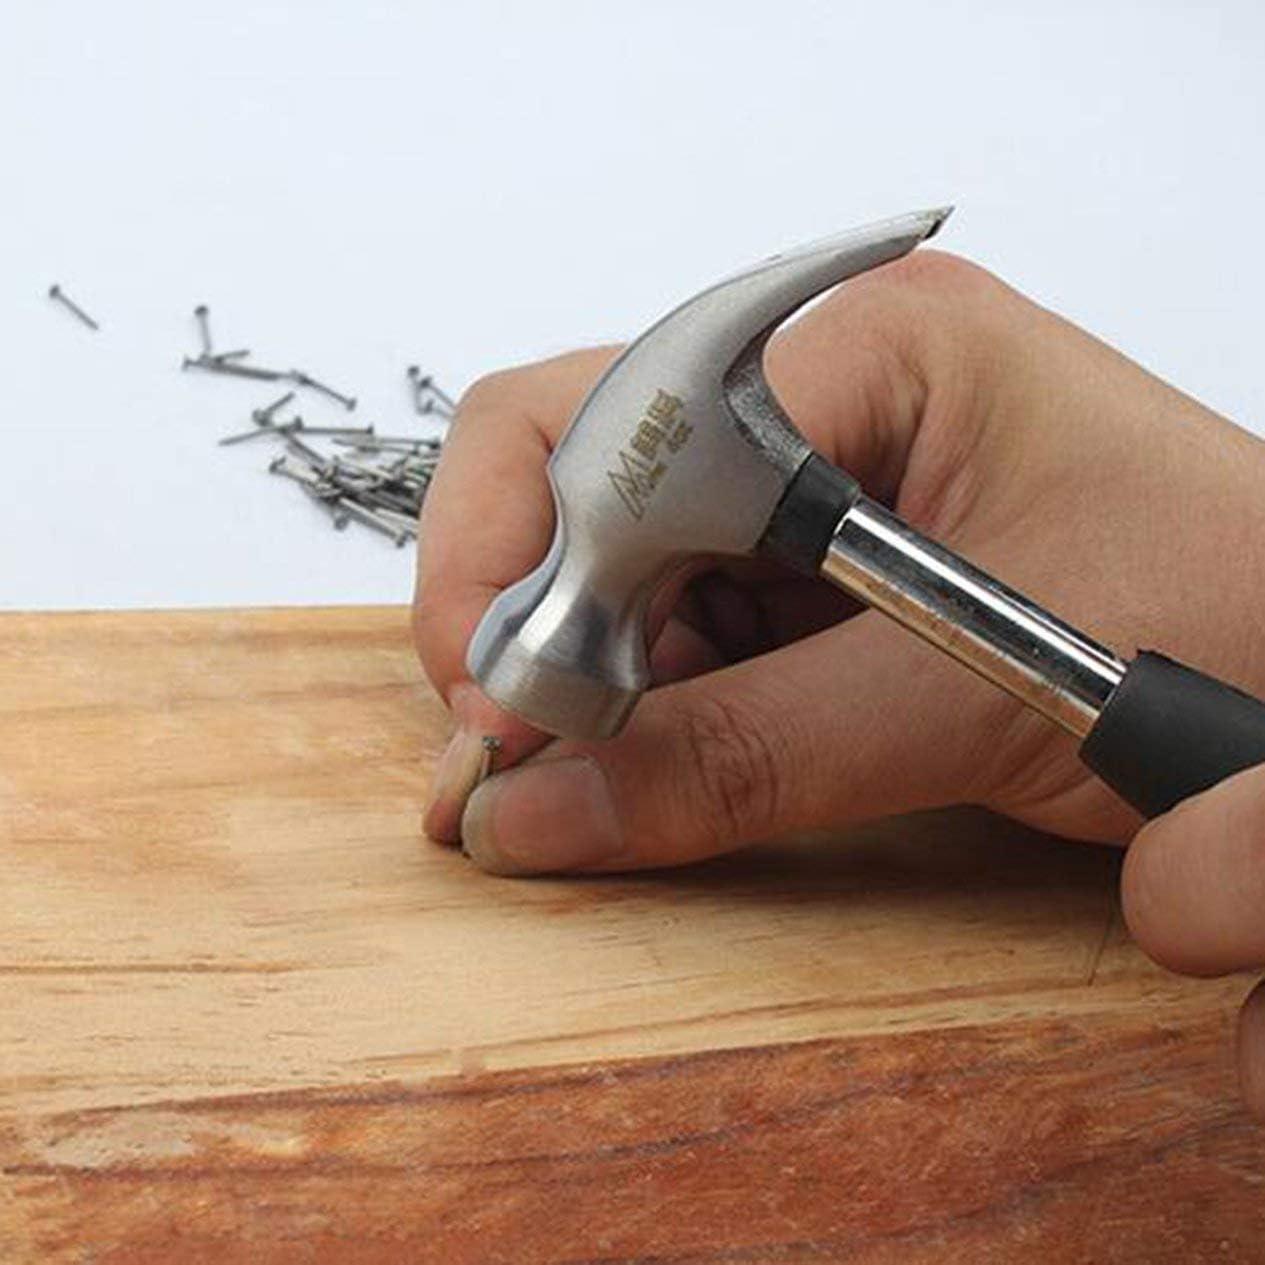 mini marteau marteau en caoutchouc Manche en plastique /à t/ête ronde Marteau magn/étique /à griffes Pour le travail du bois et les outils /électroniques jaune et noir; BCVBFGCXVB